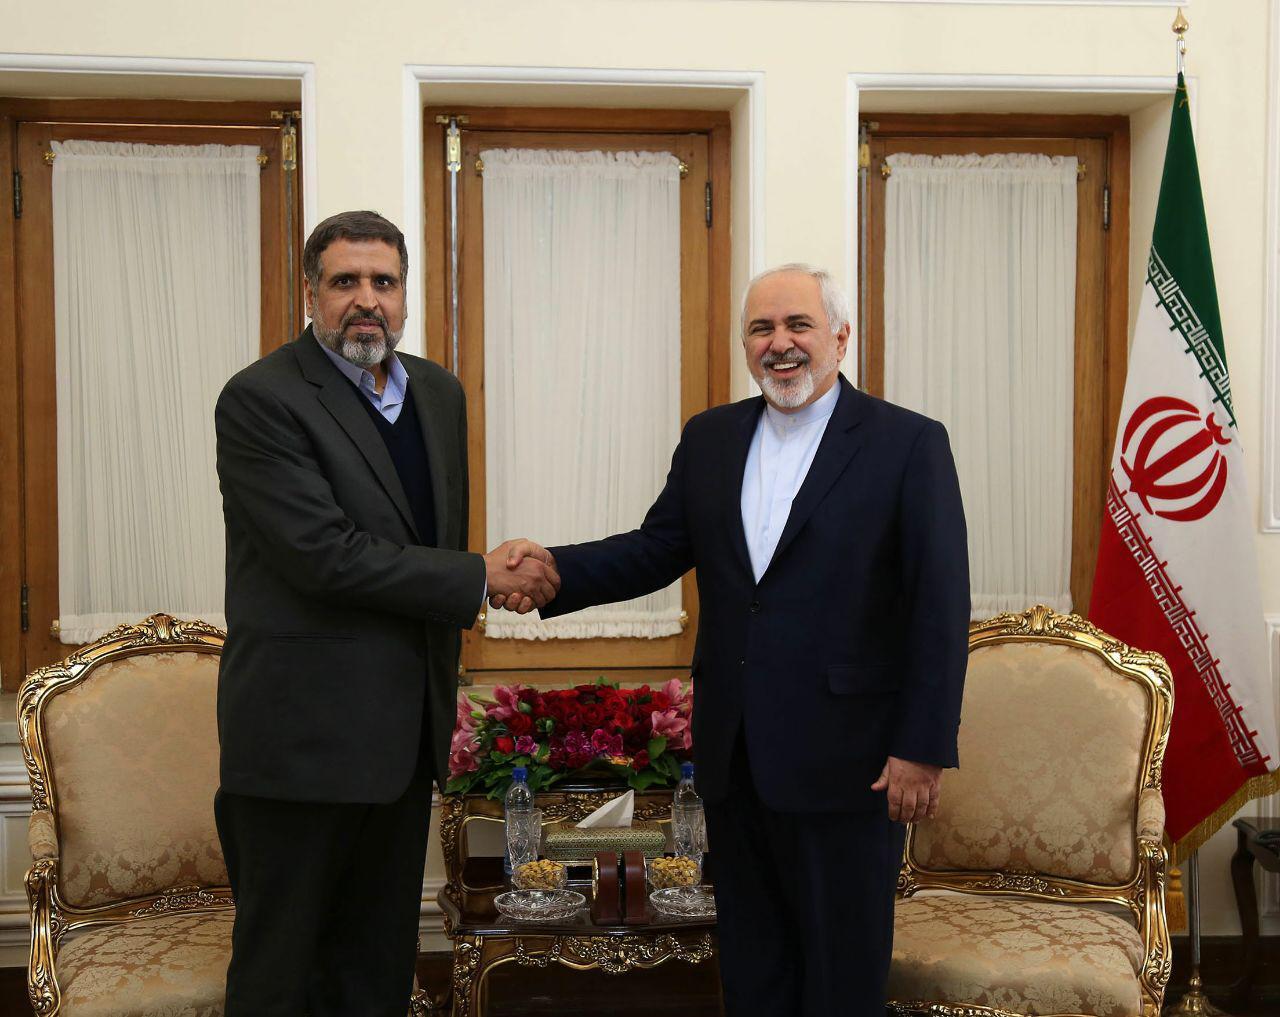 ظريف يؤكد دعم ايران التام للقضية الفلسطينية